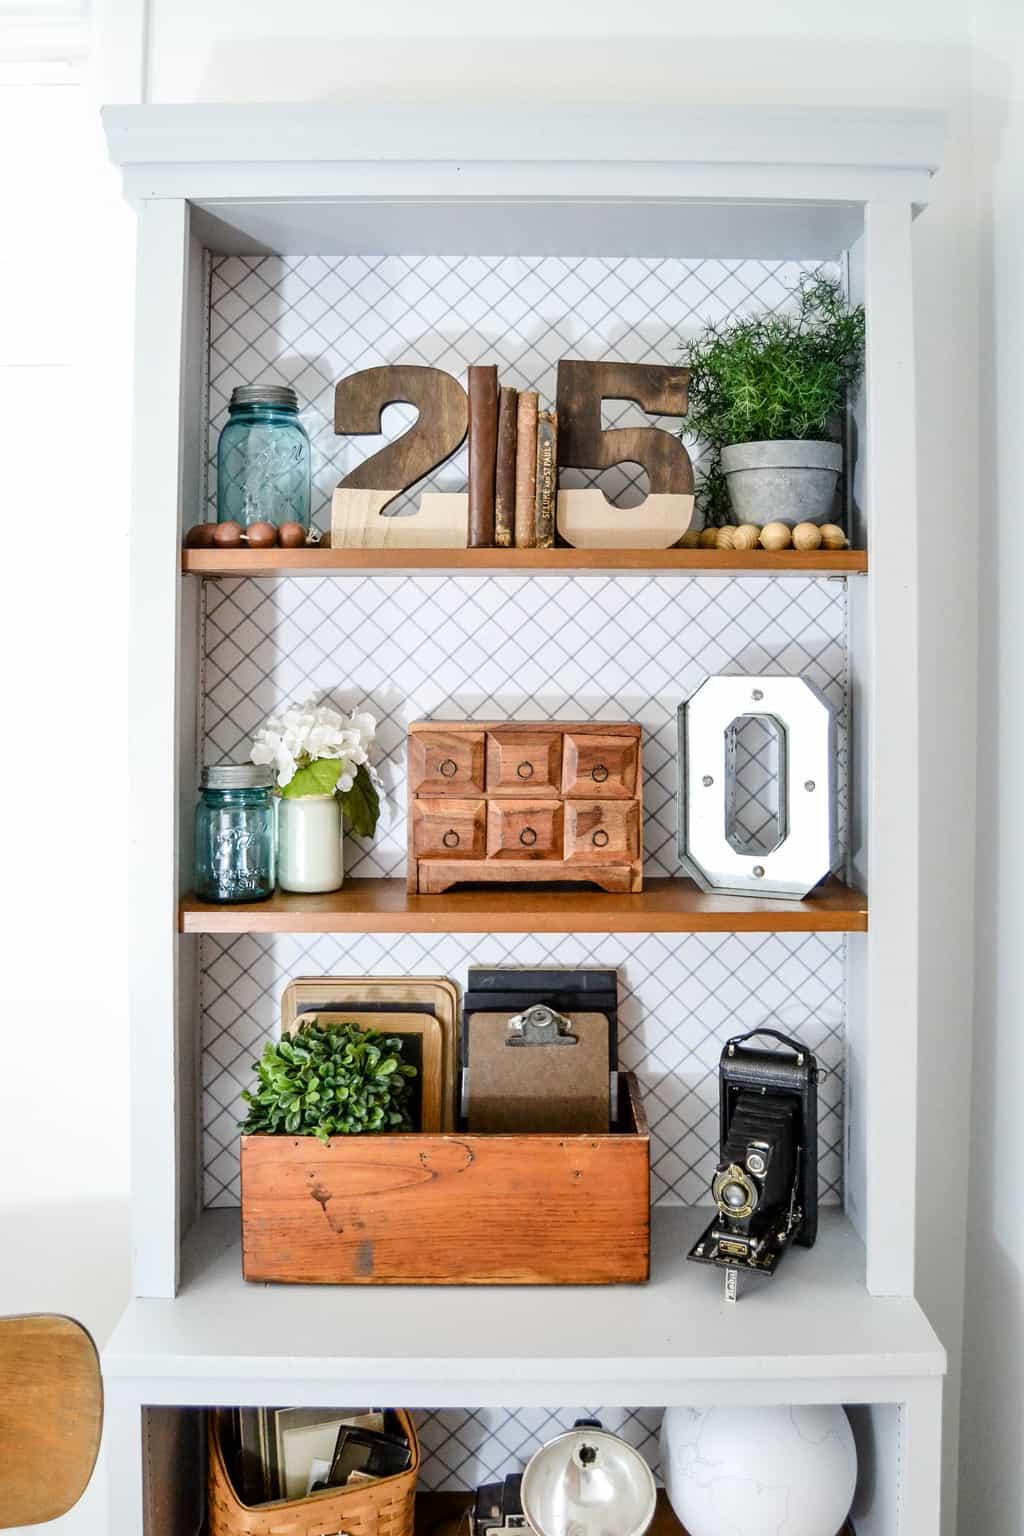 Wall Bookshelves Go From Plain To Custom In A Few Easy Steps